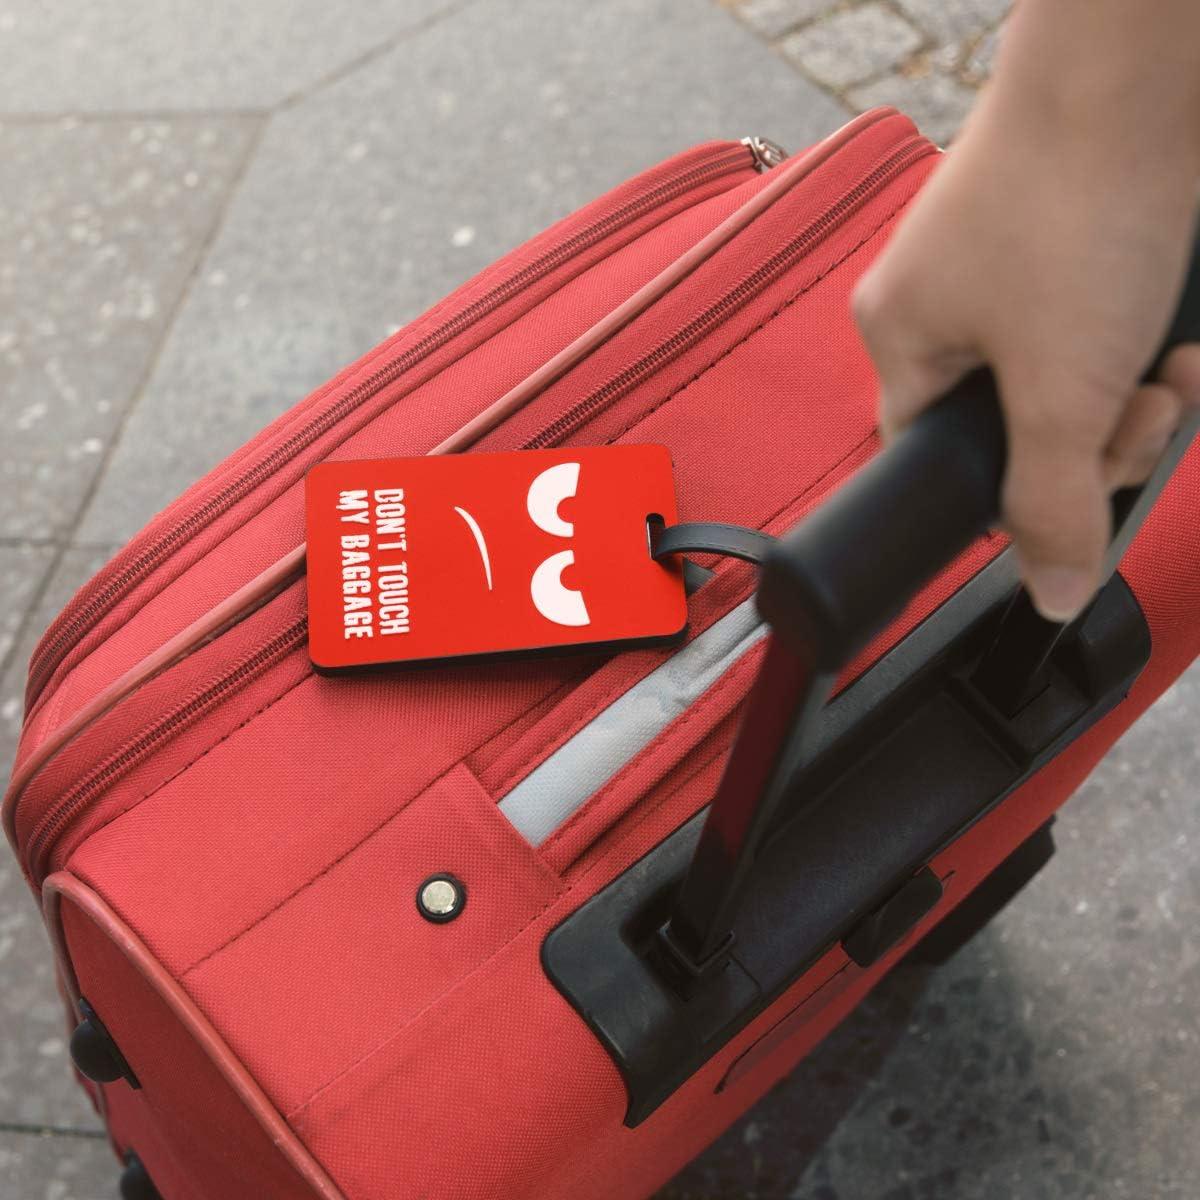 Aventure kwmobile /Étiquette Bagage pour Valise Tag Porte-/étiquettes pour Valise et Sac de Voyage avec Carte nom adresse num/éro